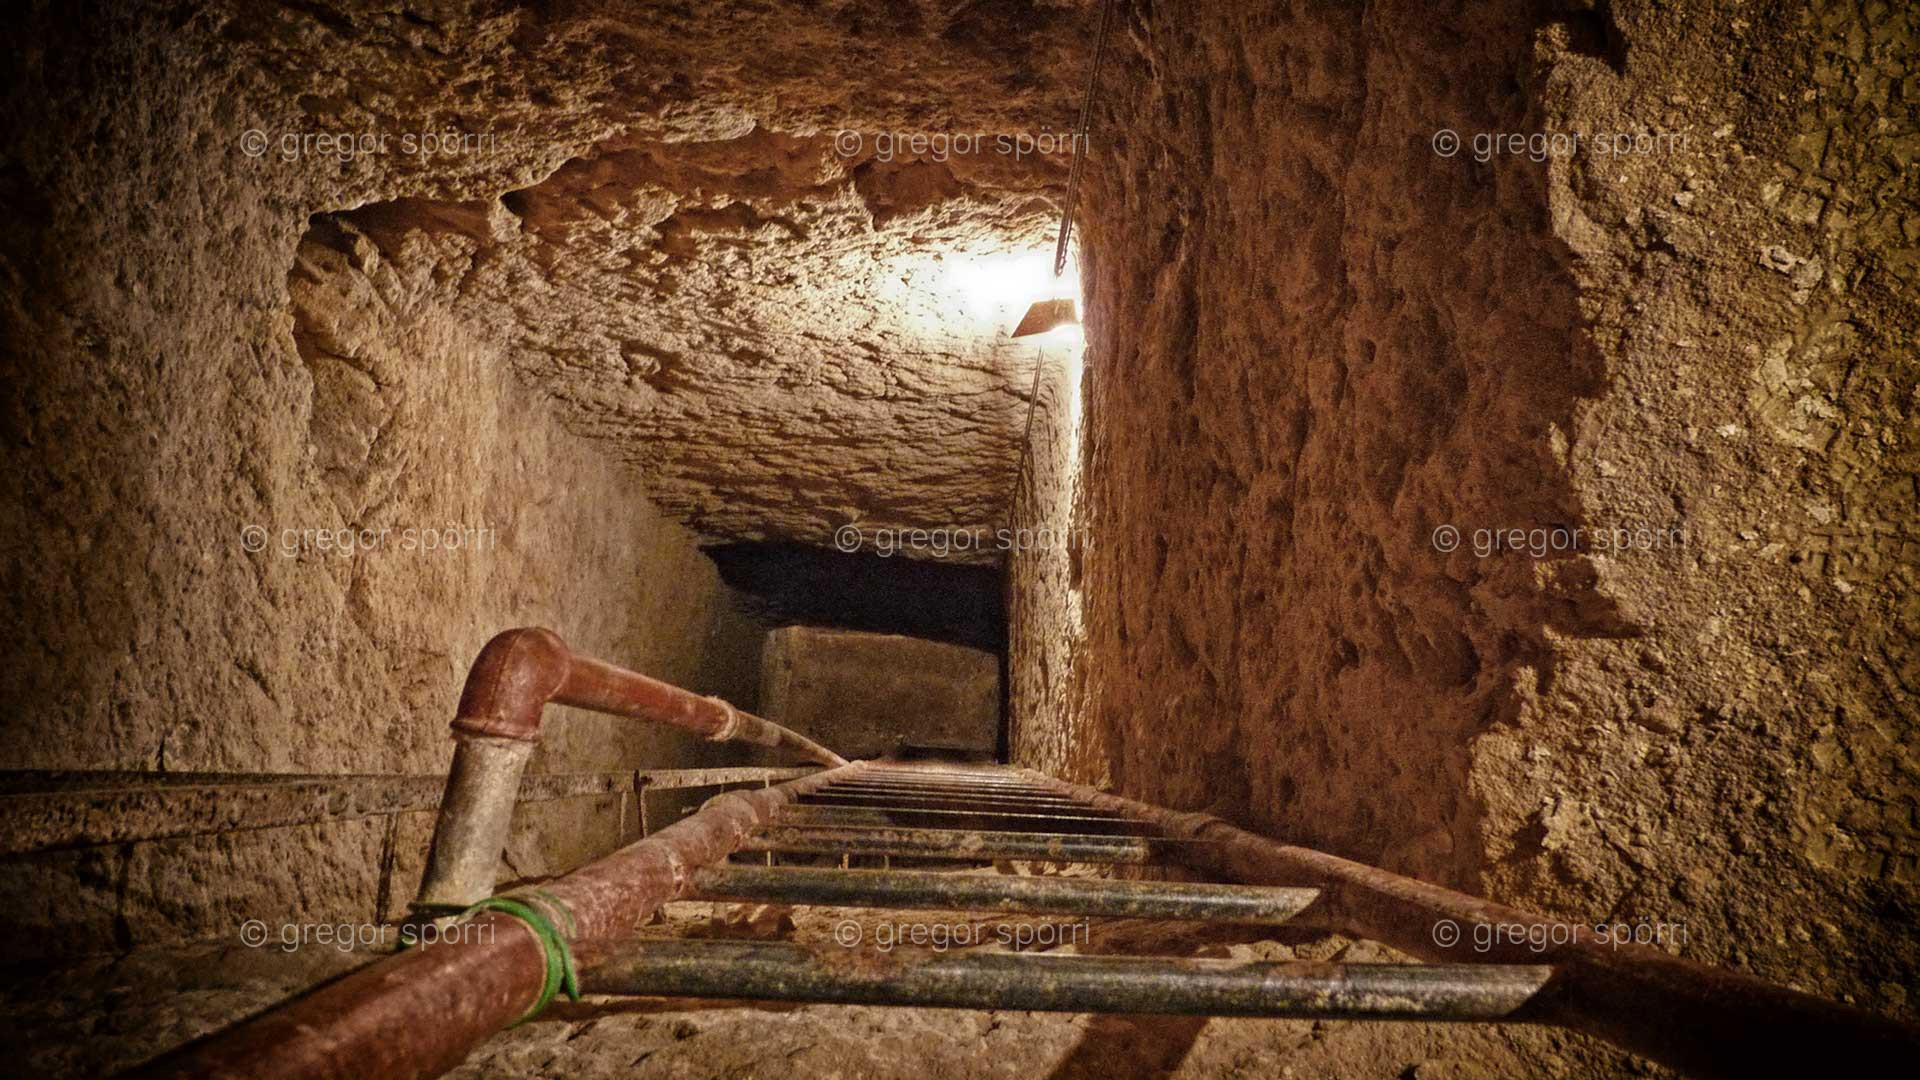 Einstieg zur Ebene/Kammer zwei.